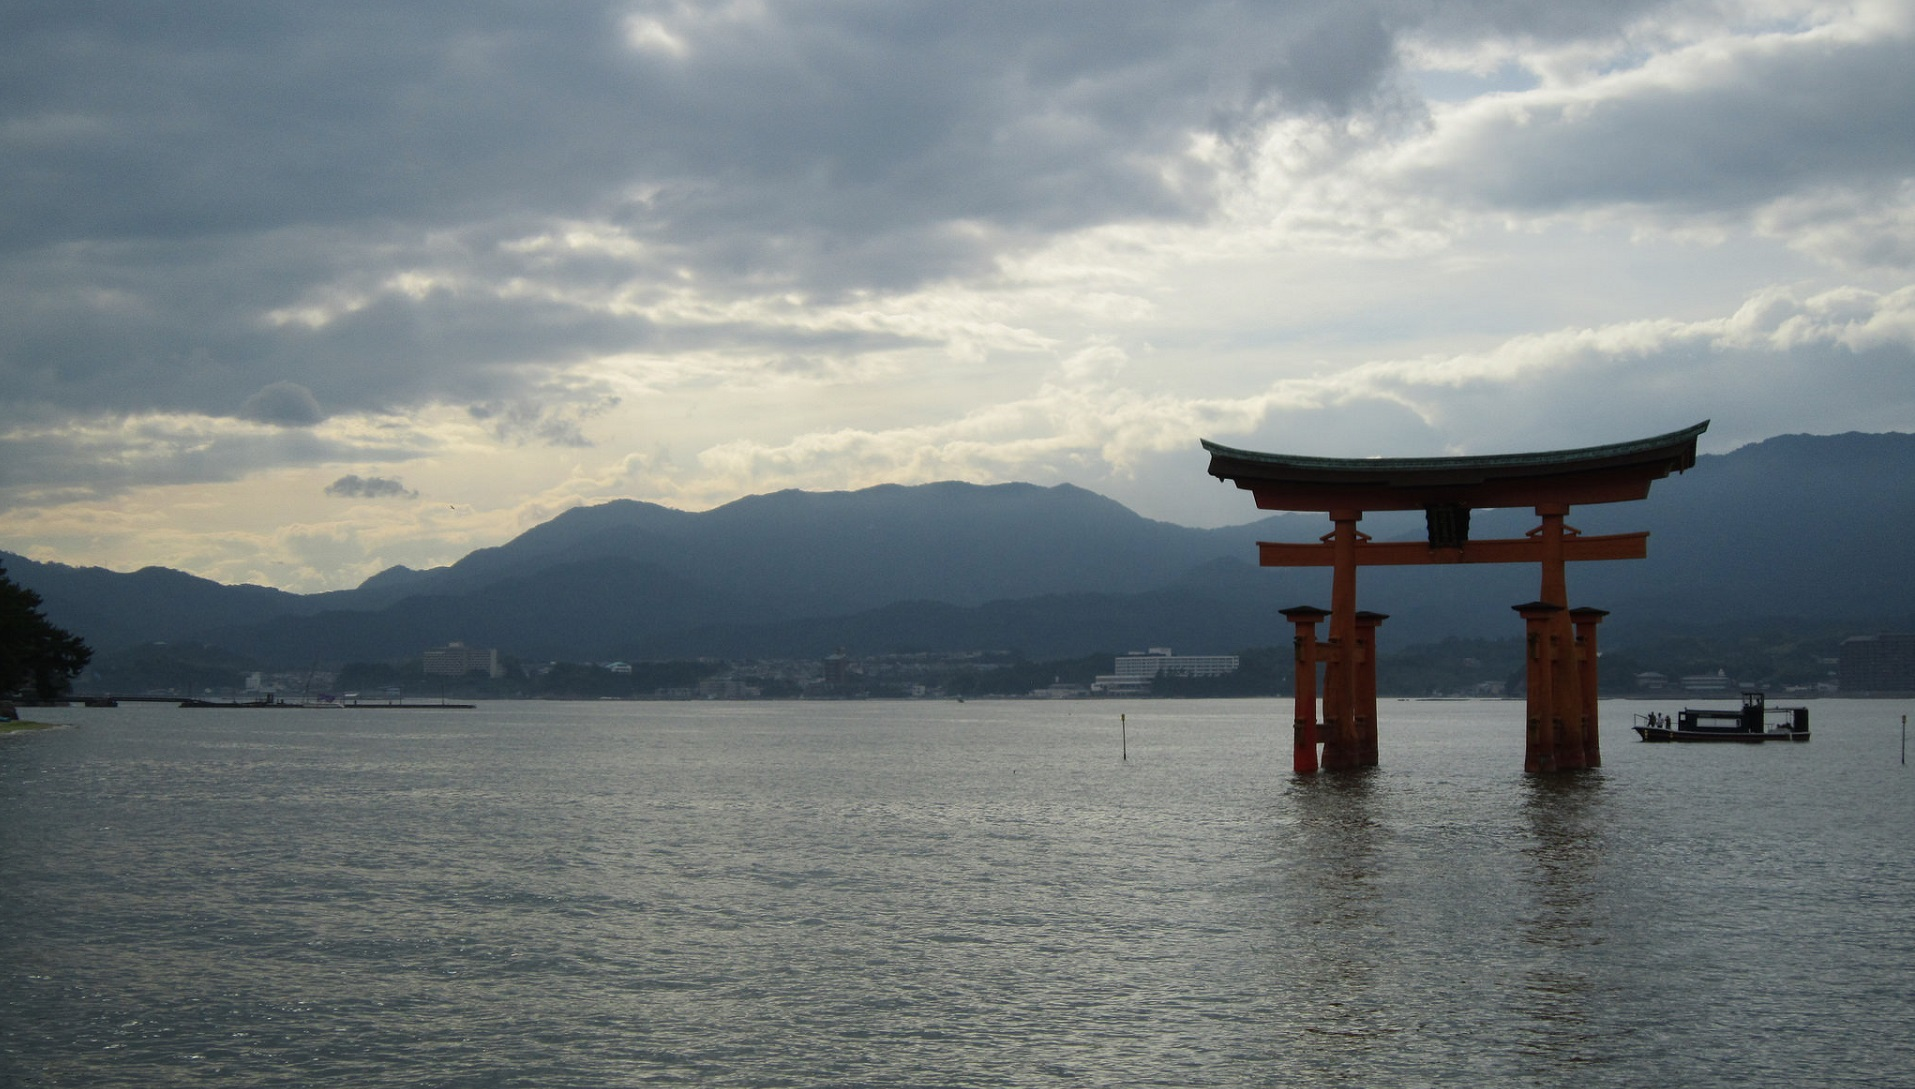 La importancia del gran depósito de minerales raros descubierto por Japón